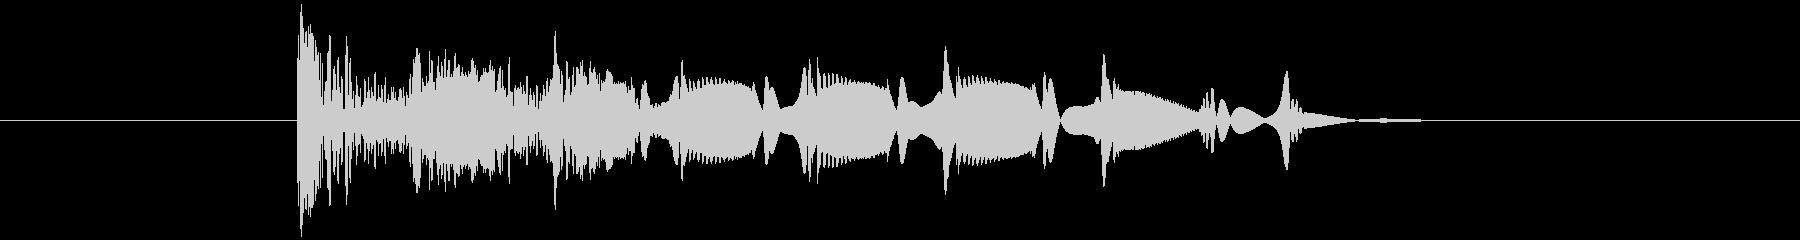 科学 フィクション 通知05の未再生の波形